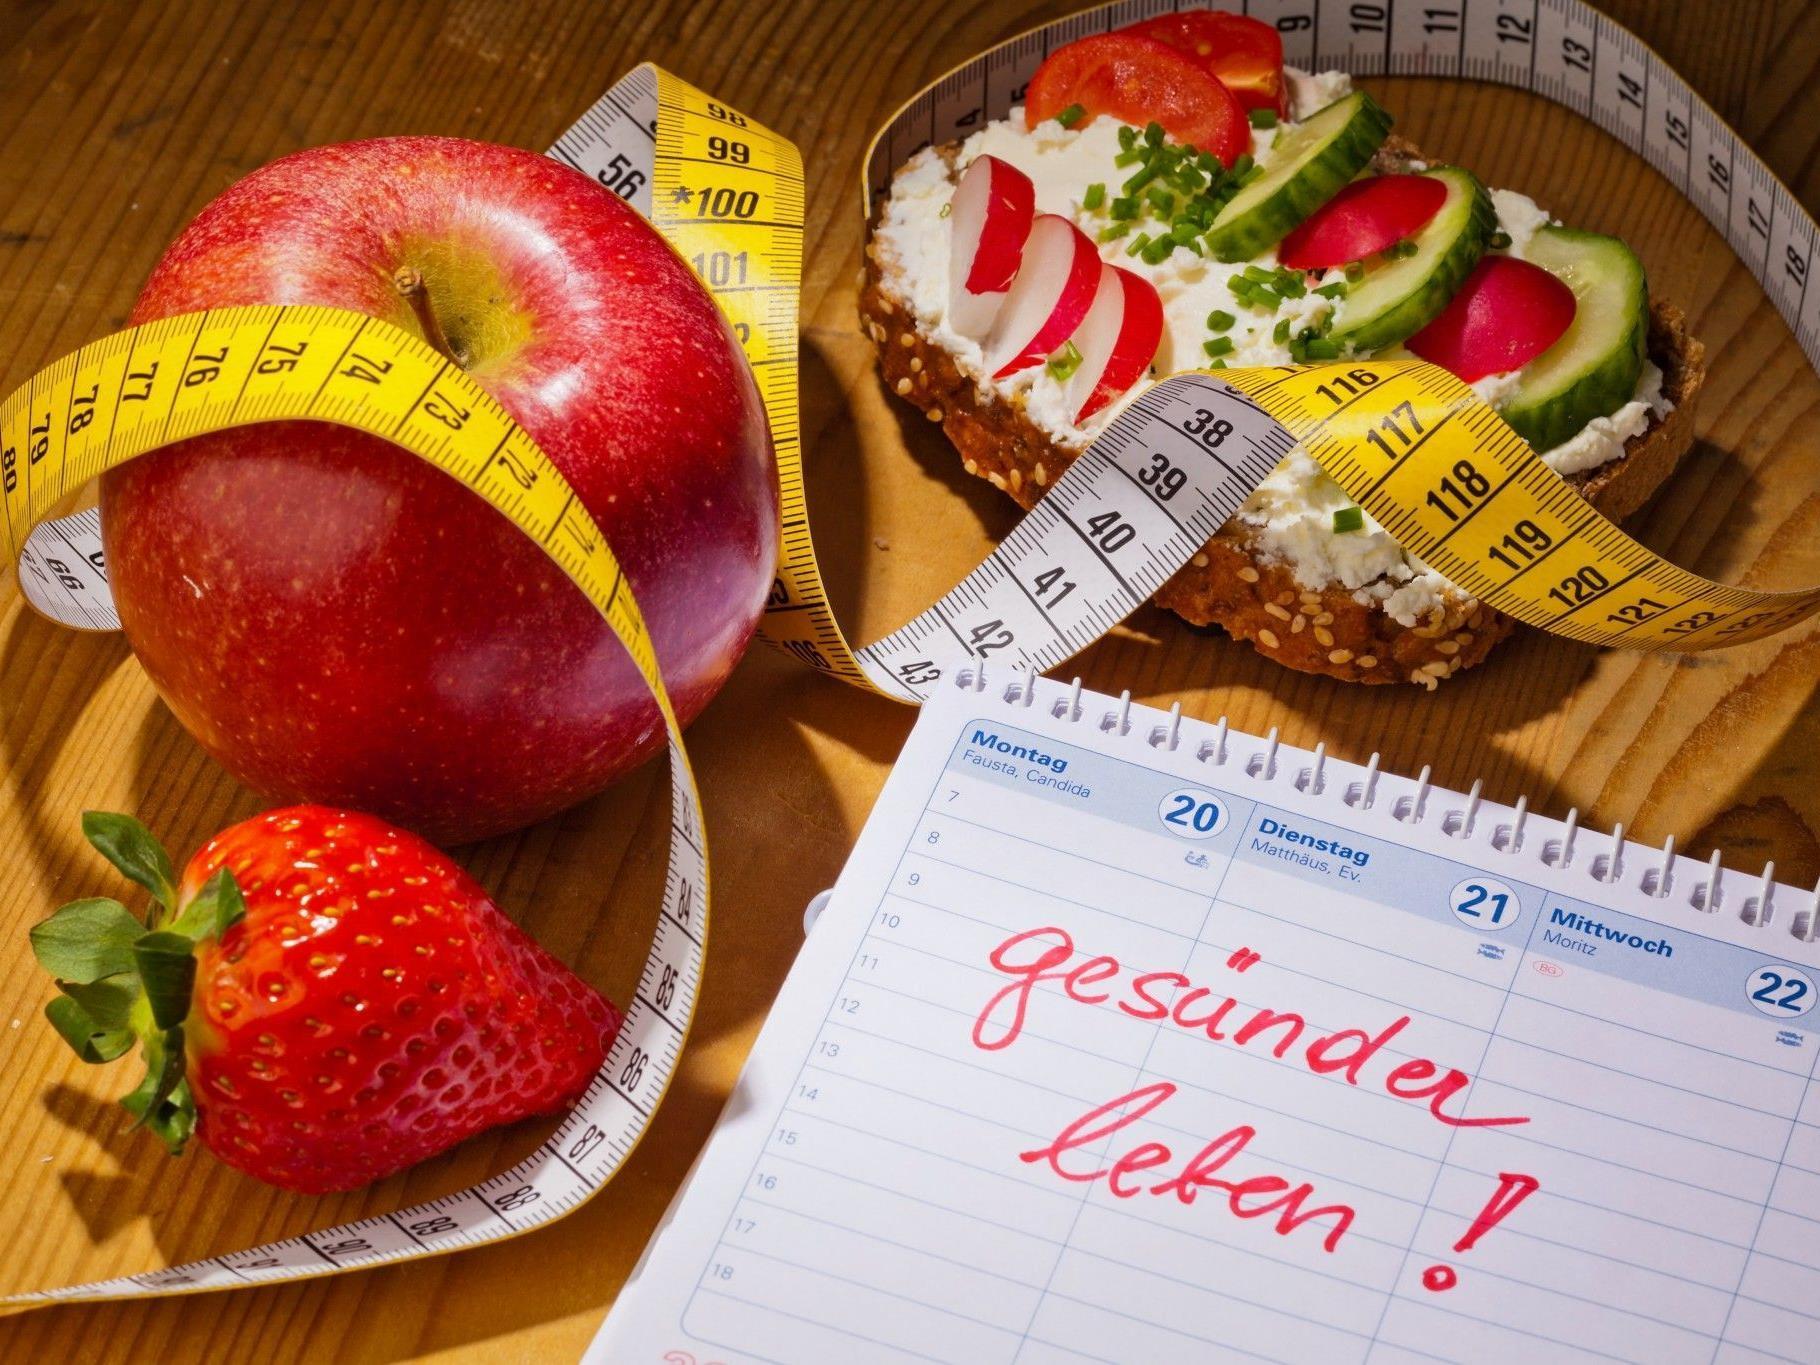 Gesündere Ernährung steht - wie jedes Jahr - ganz oben auf der Liste.